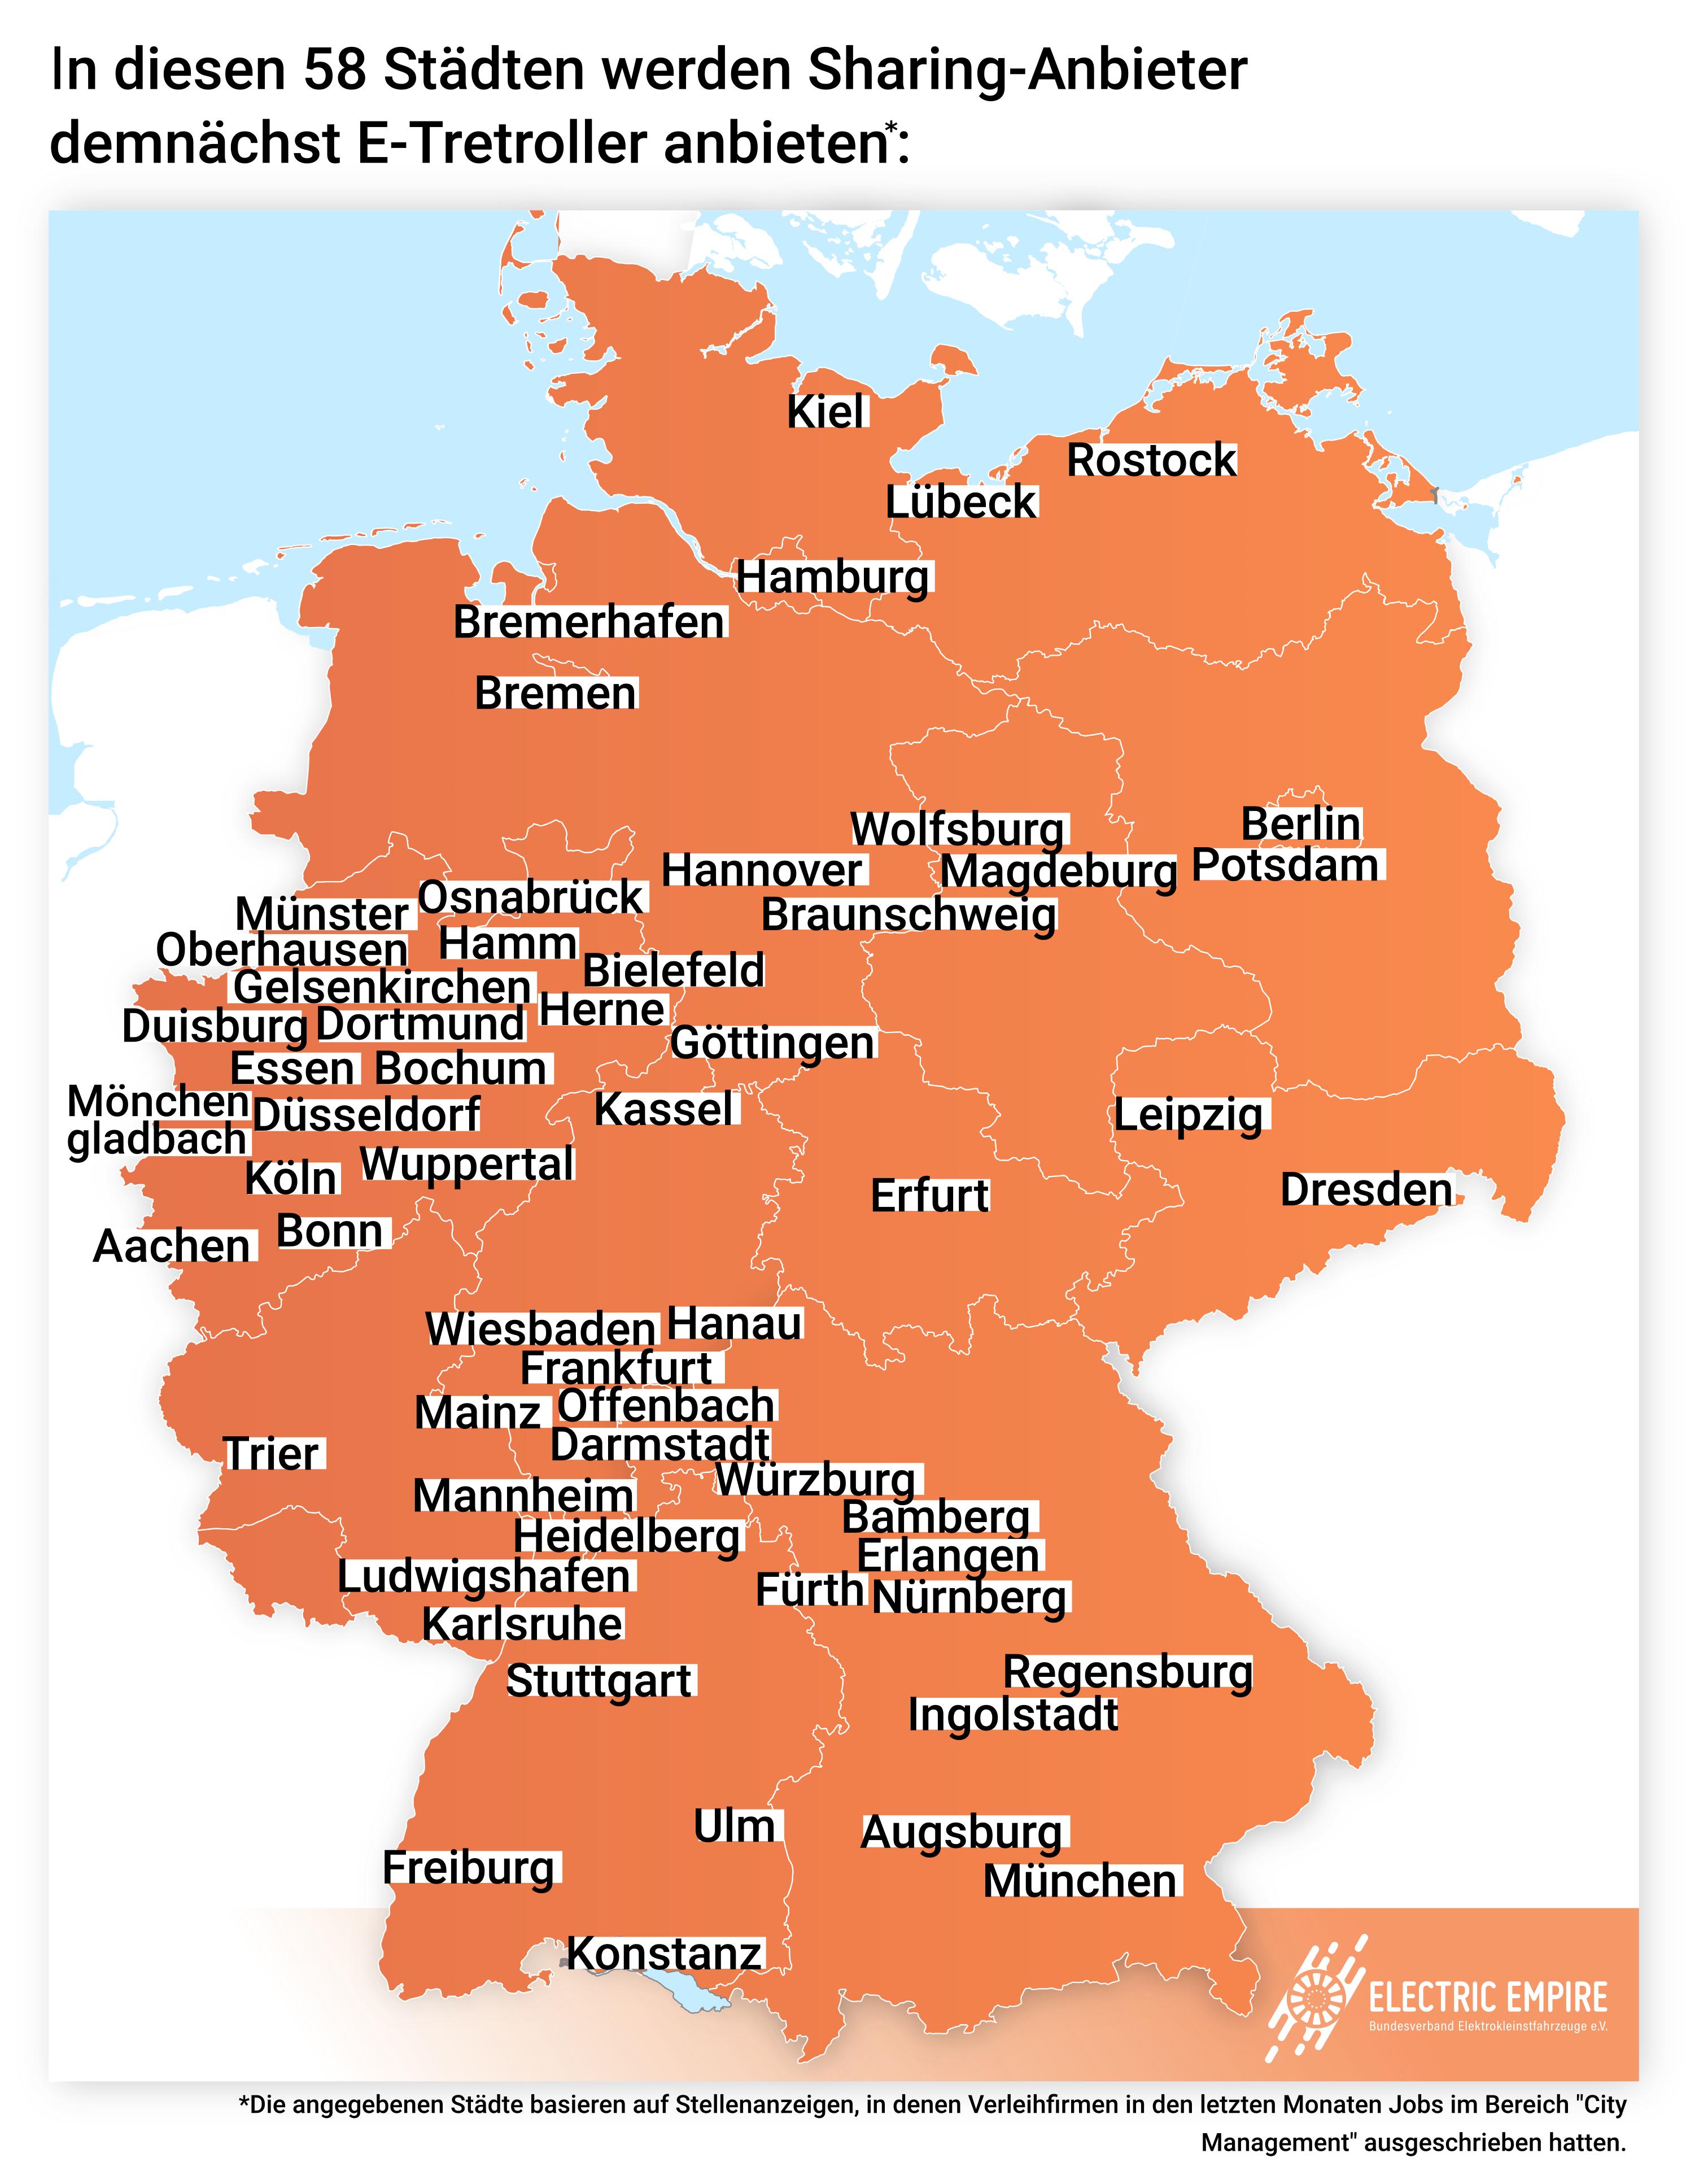 E-Tretroller Sharing in Deutschland